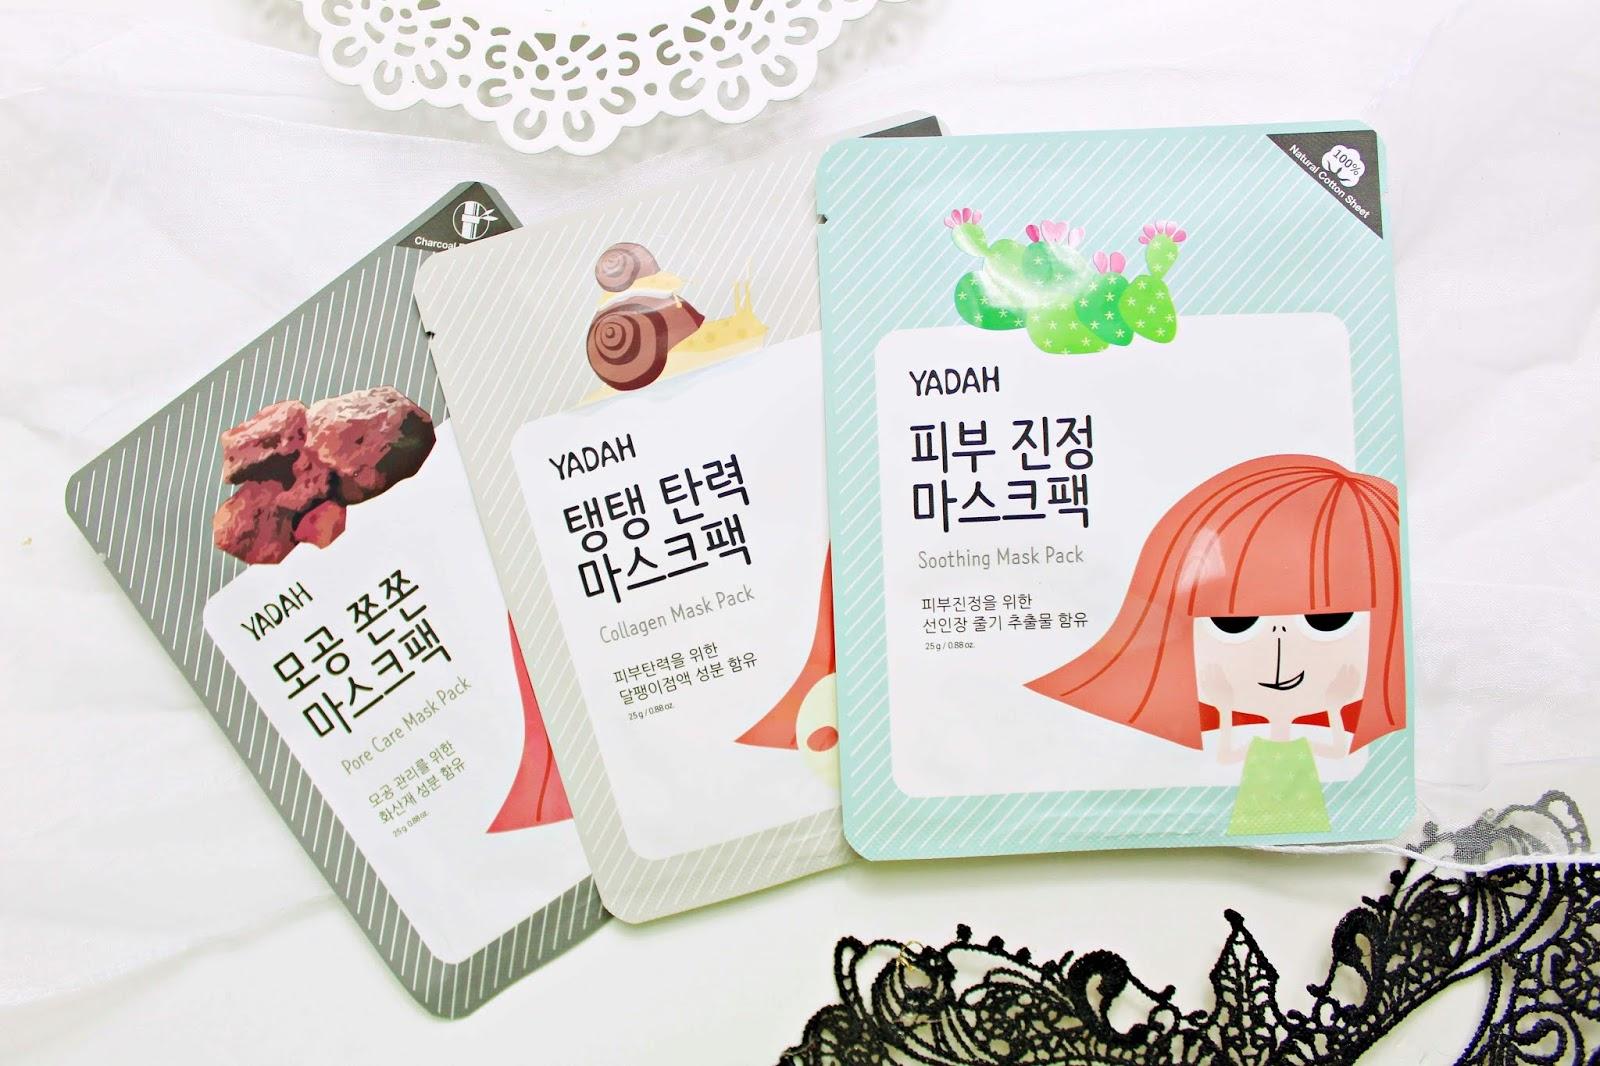 YADAH - koreańskie maseczki do twarzy - NOWOŚĆ!